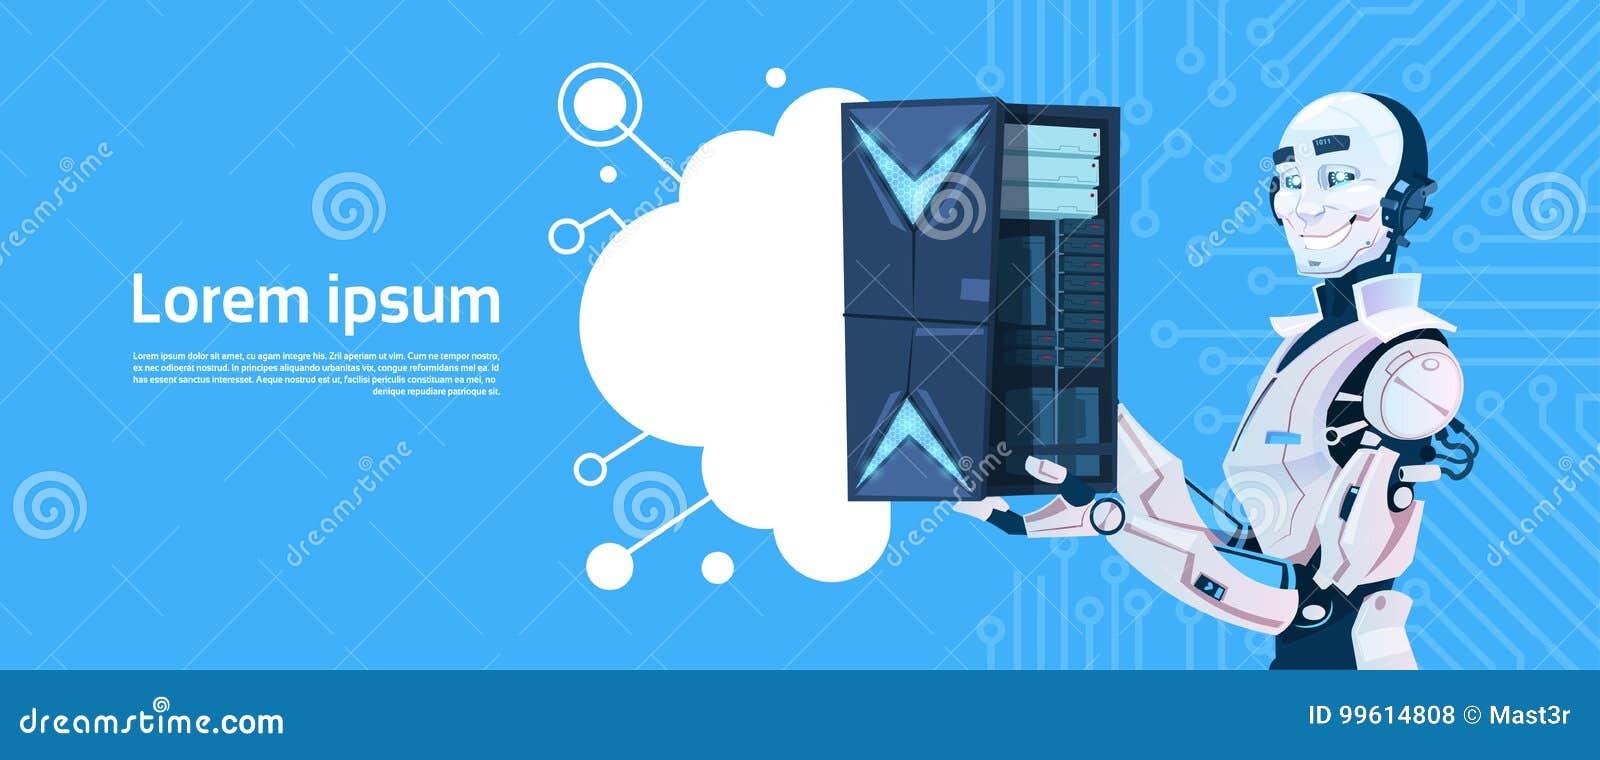 现代机器人举行云彩数据库服务器,未来派人工智能机制技术